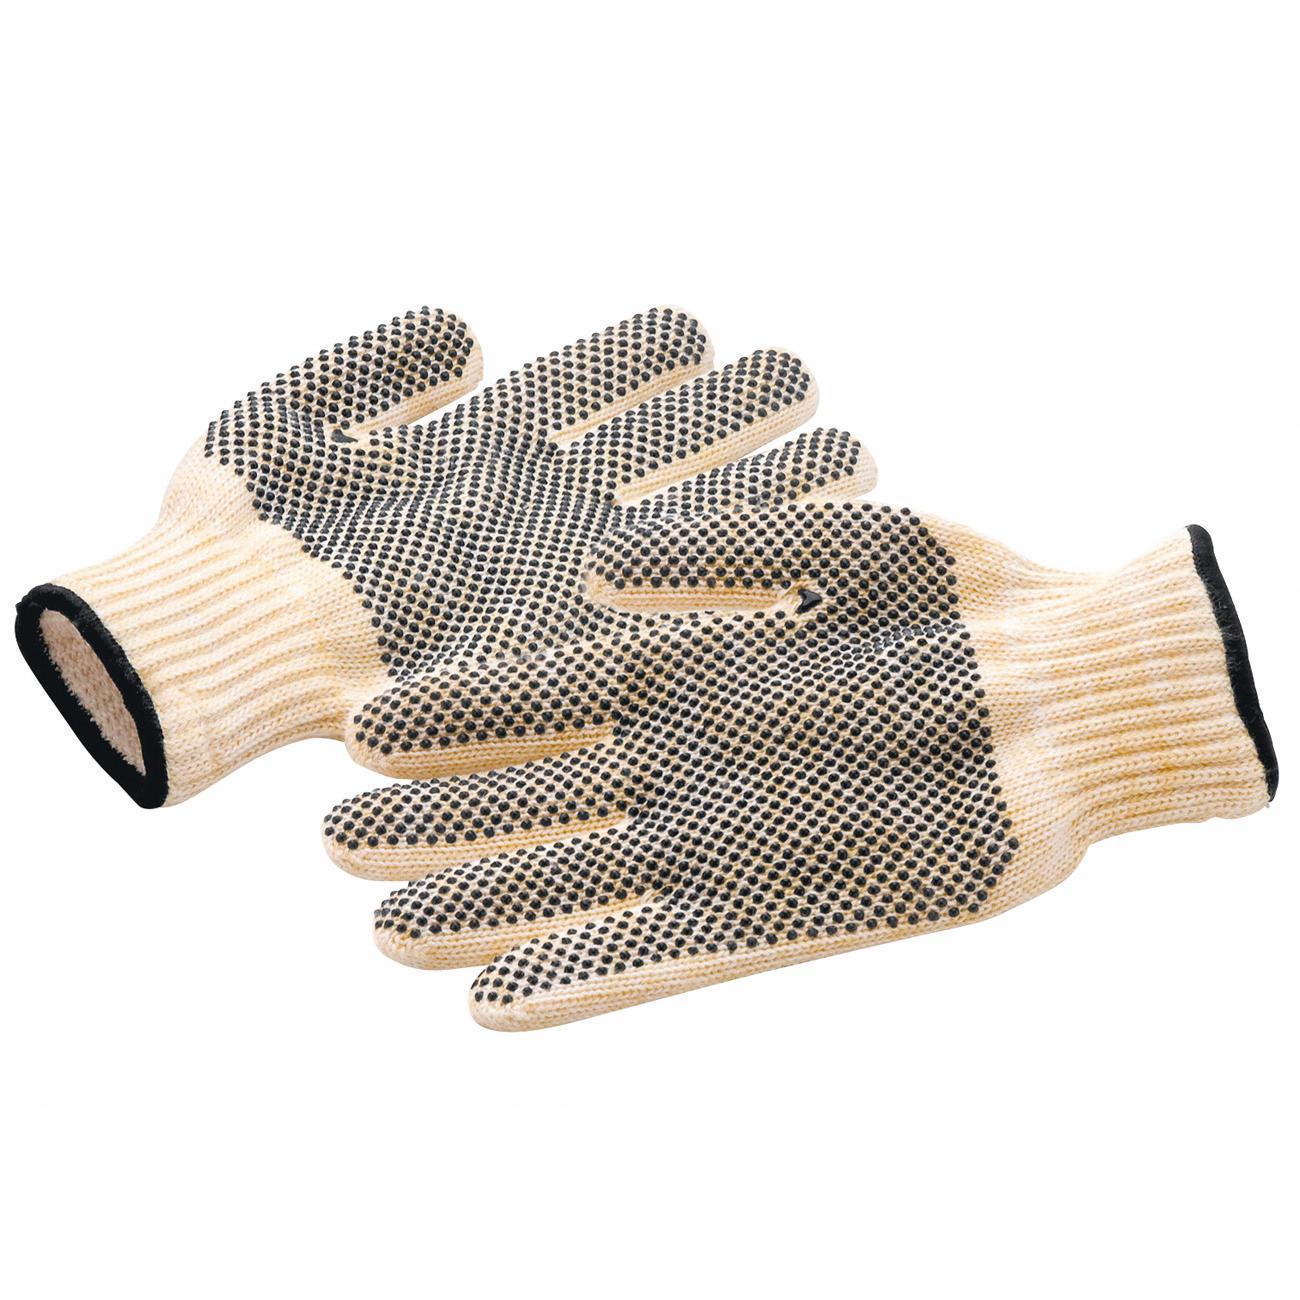 hitzechutz-handschuhe mit nomex und kevlar, 2 stück - Hitzeschutzhandschuhe Küche